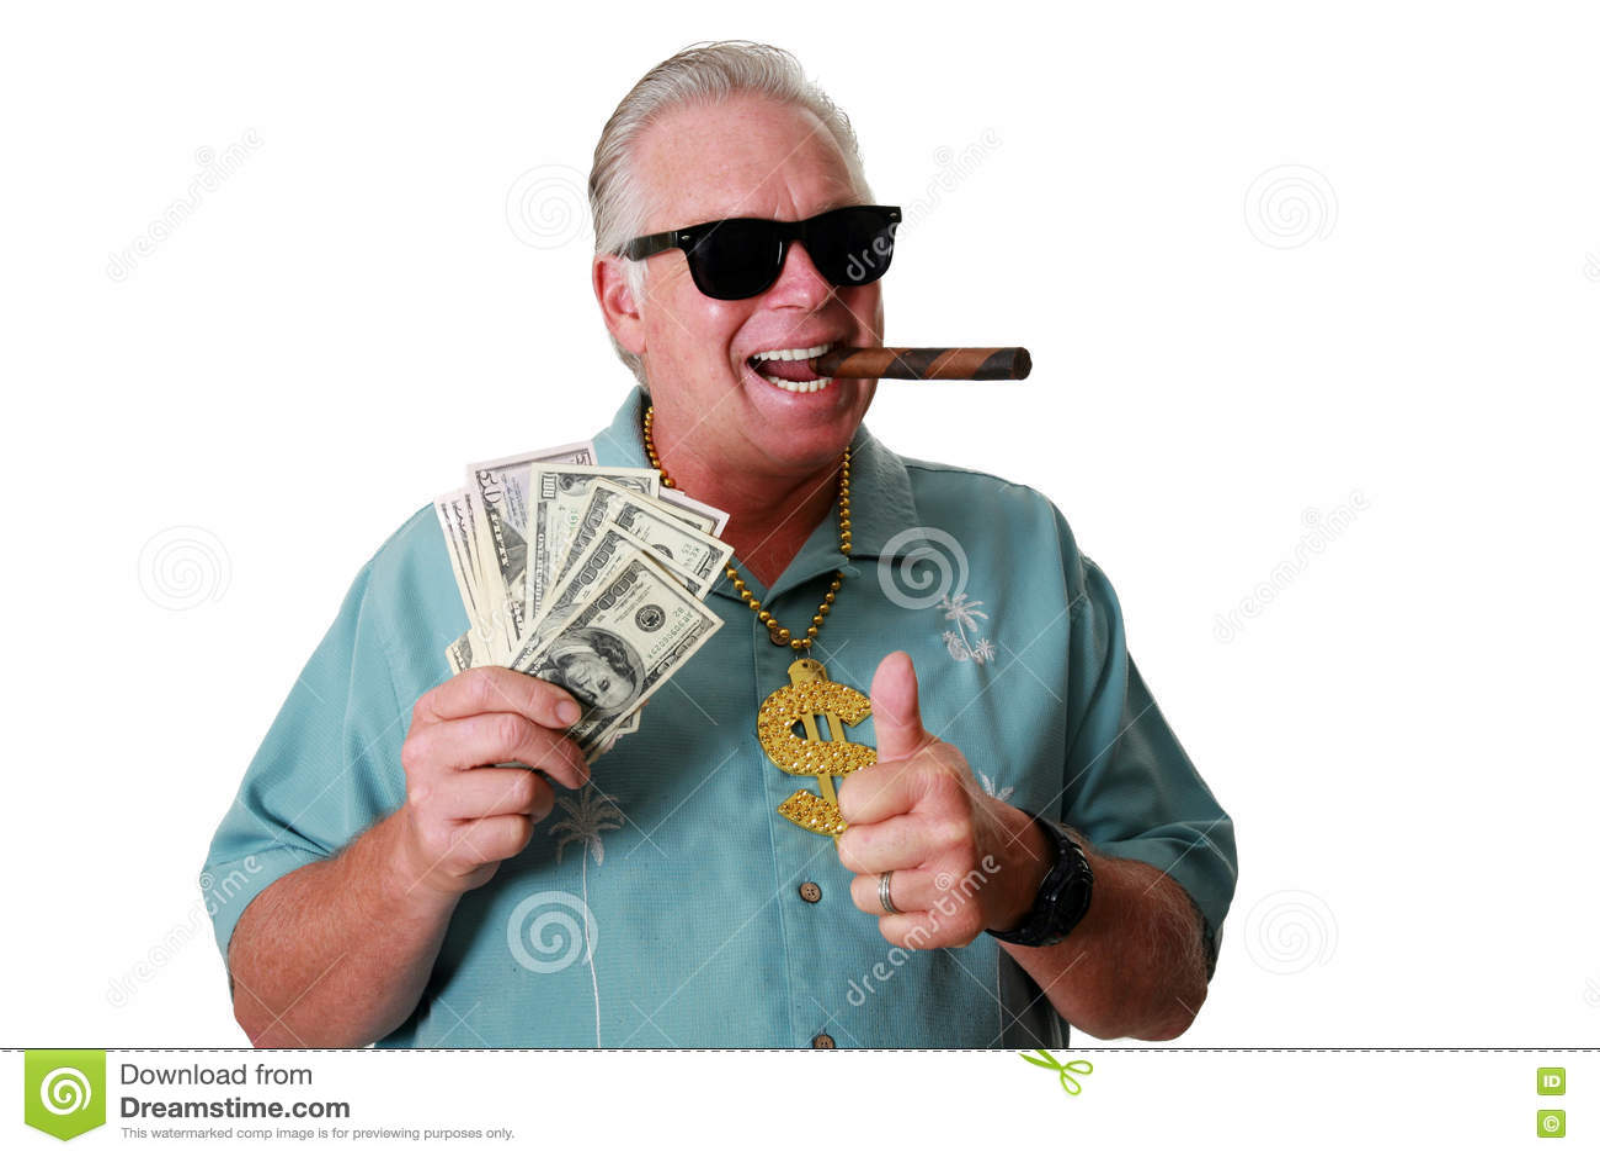 Mężczyzna z pieniądze Mężczyzna wygrywa pieniądze Mężczyzna pieniądze Mężczyzna Obwąchuje pieniądze Mężczyzna Kocha pieniądze Męż